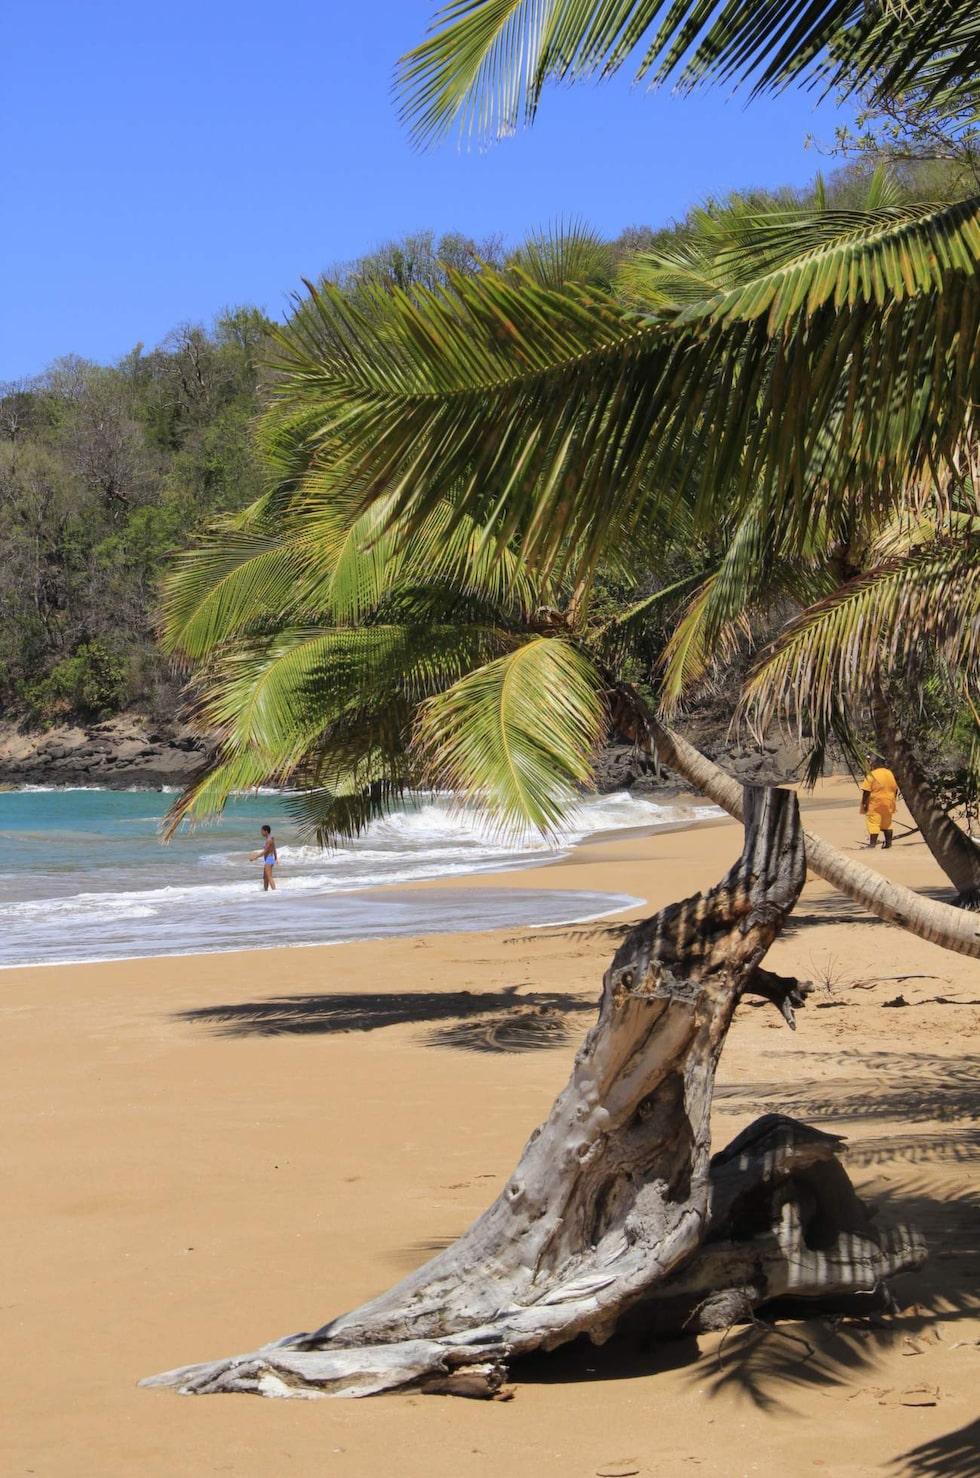 Plague de la Perle nära Deshaies – en av Guadeloupes fantastiska stränder.